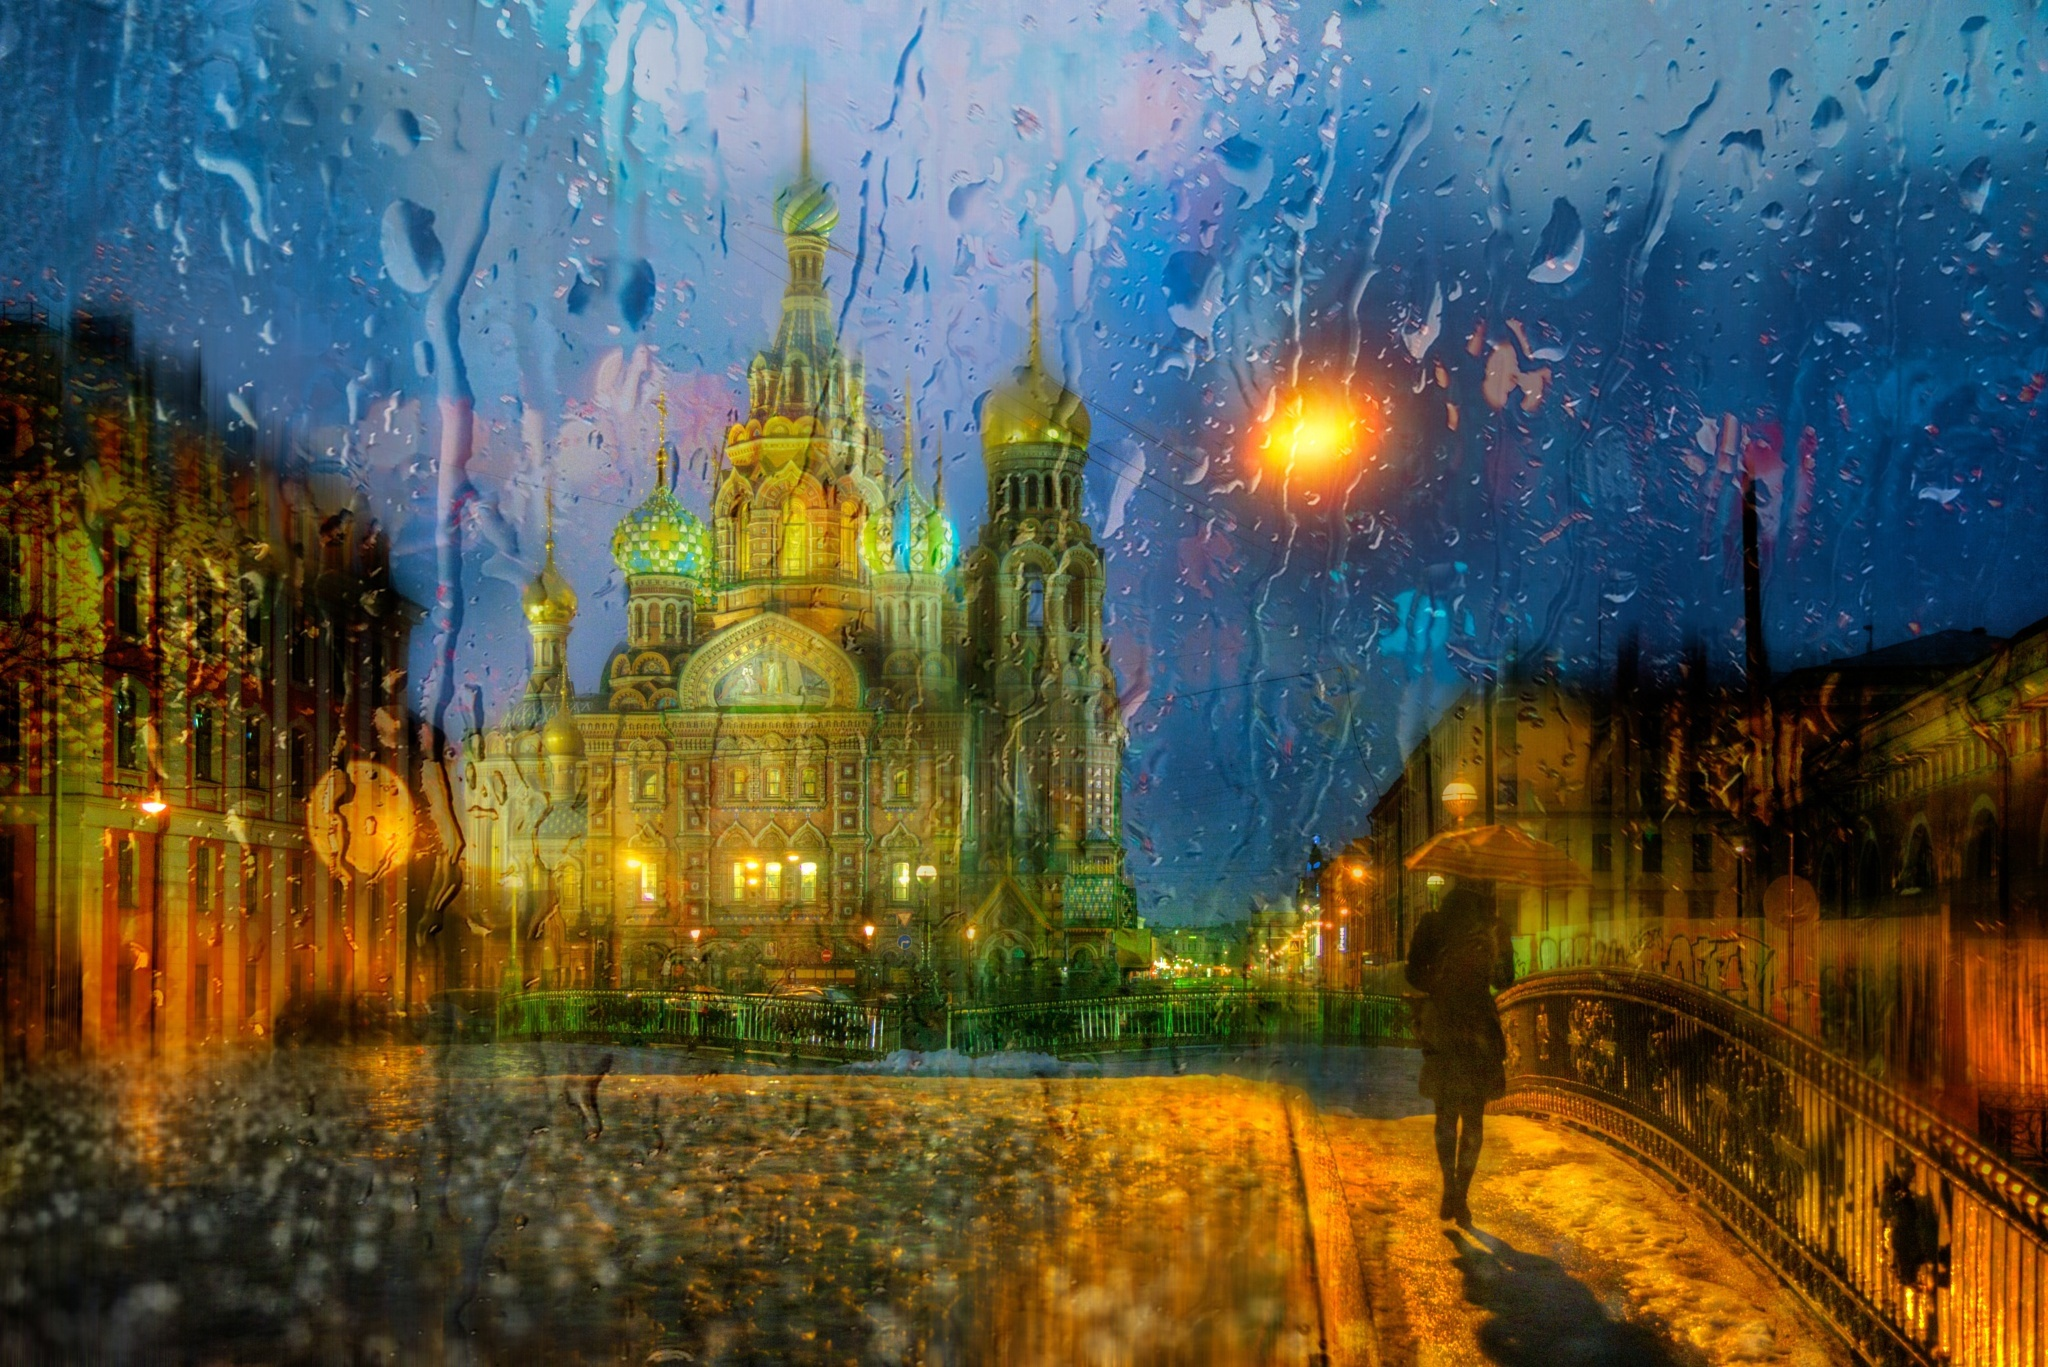 дождь питер обои для рабочего стола № 452360 загрузить